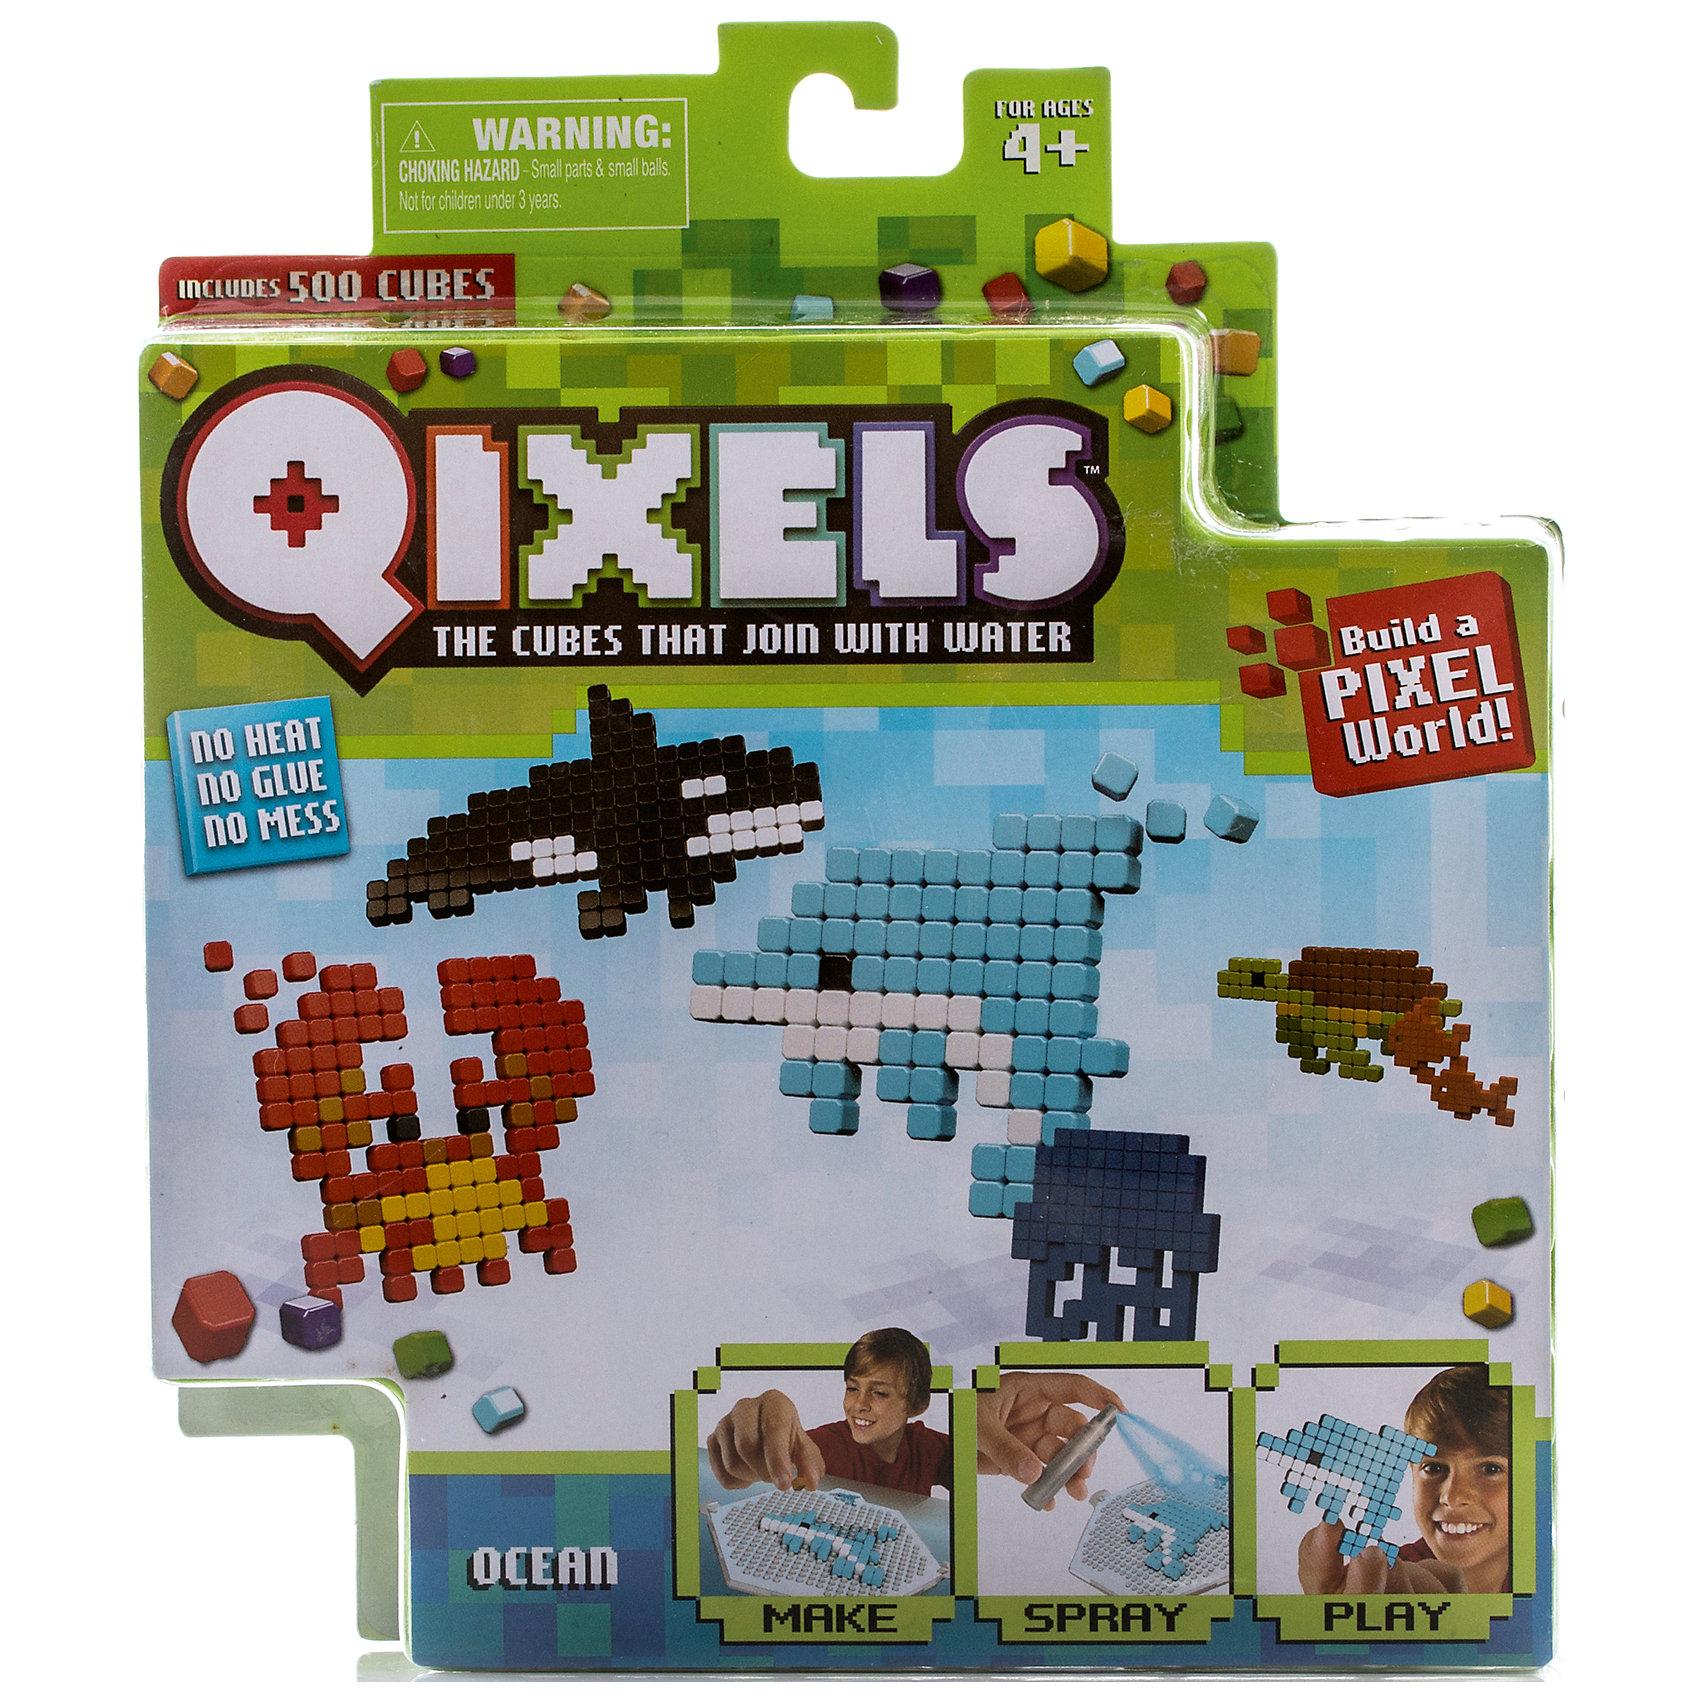 Набор для творчества Qixels ОкеанТематический набор для игр, детского хобби творчества Qixels Океан - это комплект миниатюрных разноцветных кубиков и лекал, с помощью которых можно создавать забавные двухмерные игрушки собственными руками. Соберите фигурку из ярких деталей по одному из 4-х лекал, входящих в комплект набора, после чего обрызгайте её водой из распылителя и подождите 30 минут. После высыхания, с полученной фигуркой можно играть как с самой обычной игрушкой! С помощью лекал, входящих в набор, Вы сможете создать 4 фигурки обитателей морских глубин – касатку, дельфина, черепашку и краба. Также Вы можете проявить воображение и нарисовать собственные лекала или же фантазировать на совершенно свободные темы!<br>В комплект набора входит:<br>500 x кубиков<br>1 x дизайн лоток<br>4 x цветных дизайн лекала<br>1 x опора<br>1 x база<br>2 x аксессуара<br>1 x бирка с нитью<br>1 x распылитель для воды<br>1 x инструкция<br><br>Ширина мм: 40<br>Глубина мм: 215<br>Высота мм: 185<br>Вес г: 233<br>Возраст от месяцев: 72<br>Возраст до месяцев: 180<br>Пол: Унисекс<br>Возраст: Детский<br>SKU: 5032647